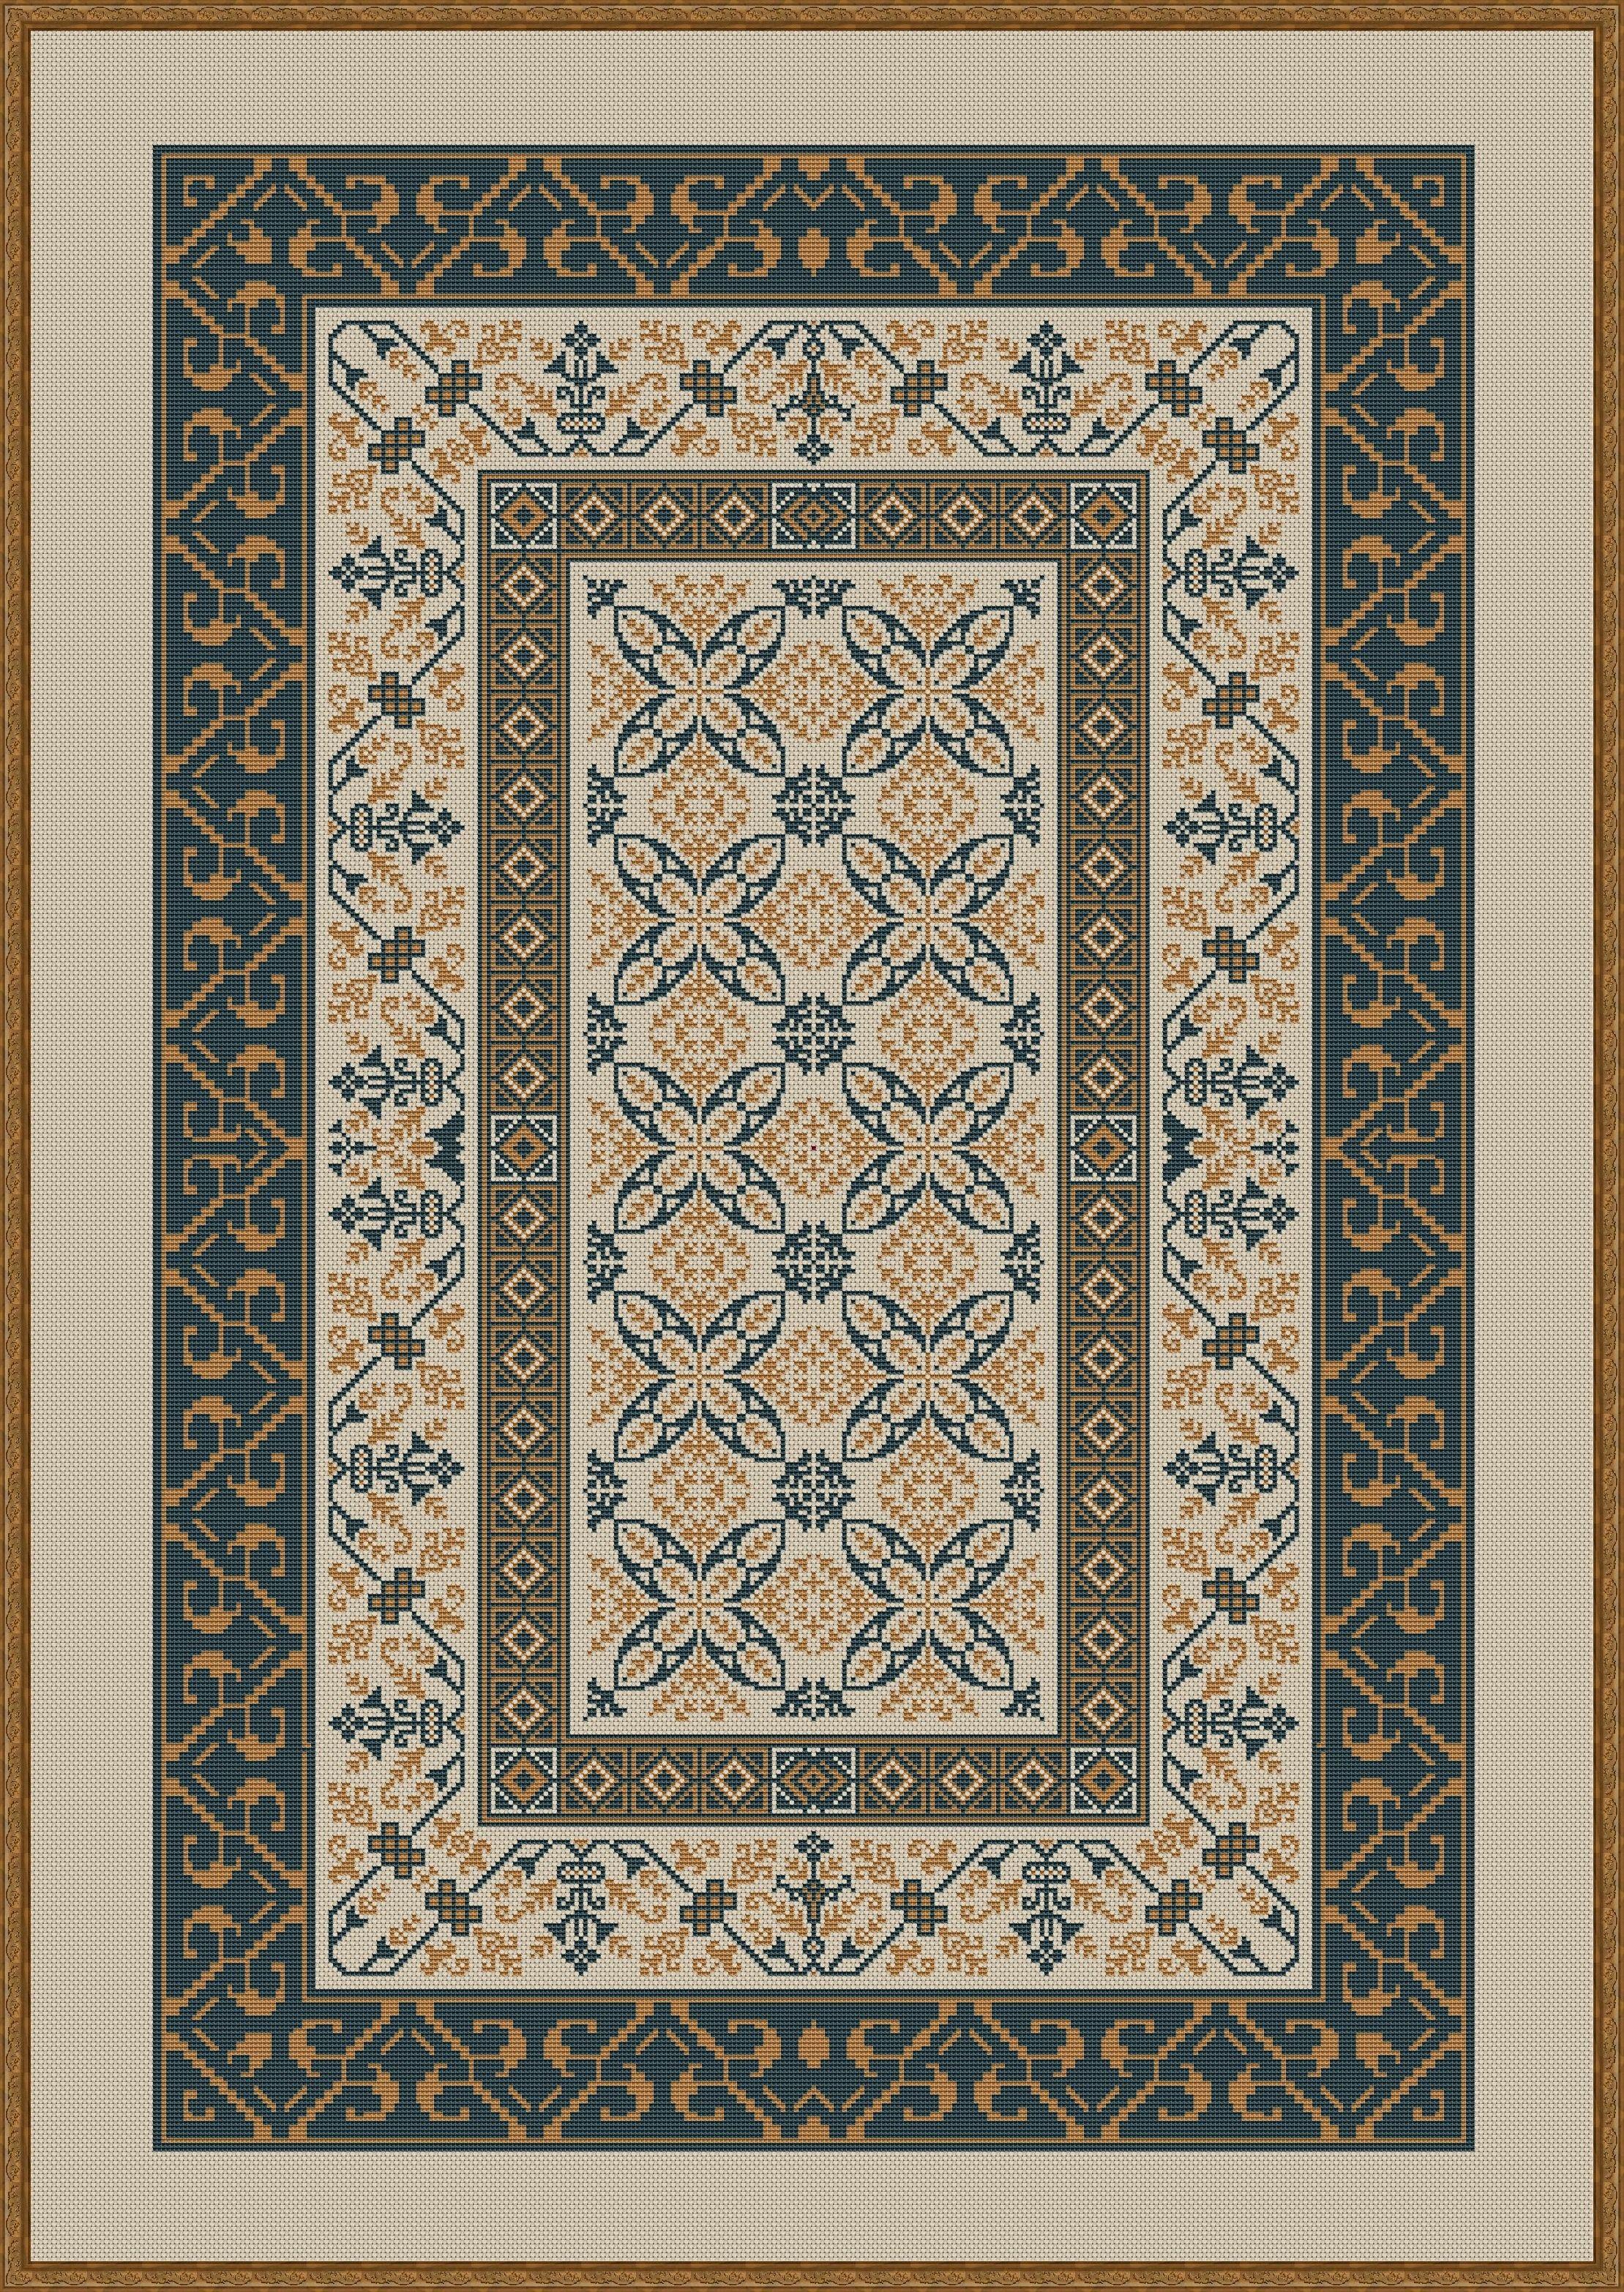 aztec inspired teppich kn pfen teppich kn pfen und kn pfen. Black Bedroom Furniture Sets. Home Design Ideas